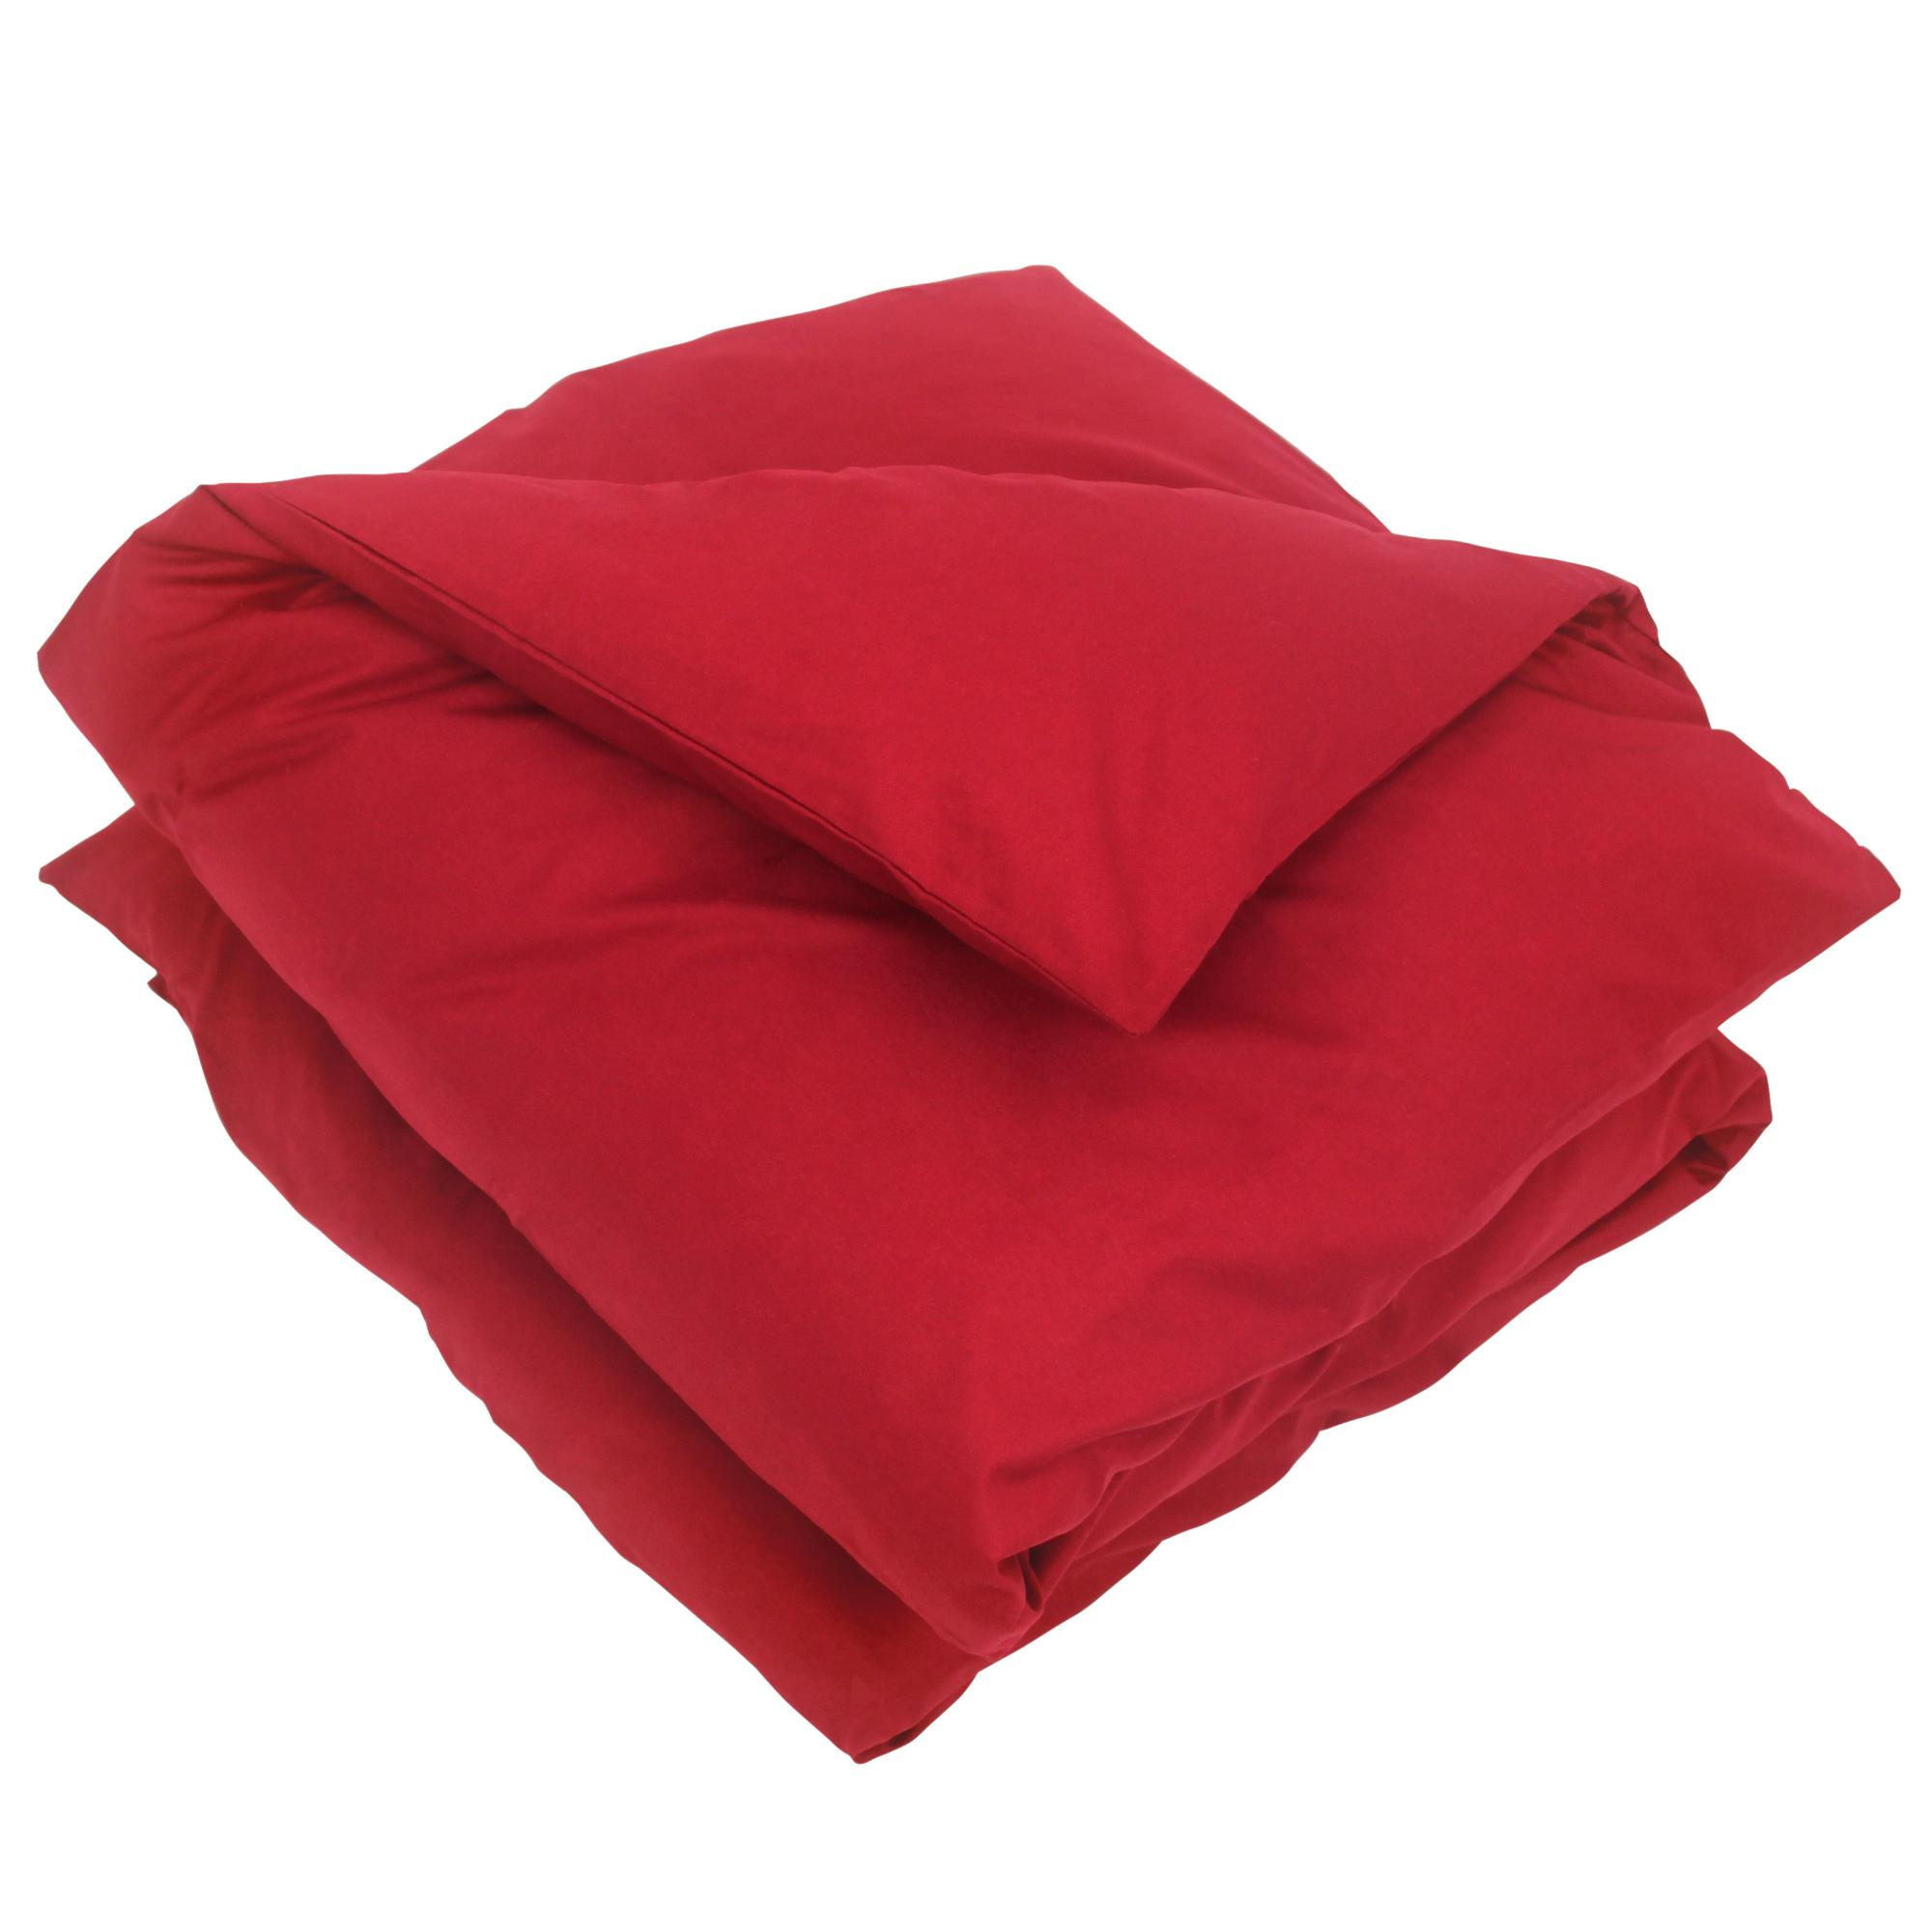 housse de couette 300x240cm uni pur coton alto rouge garance linnea linge de maison et. Black Bedroom Furniture Sets. Home Design Ideas